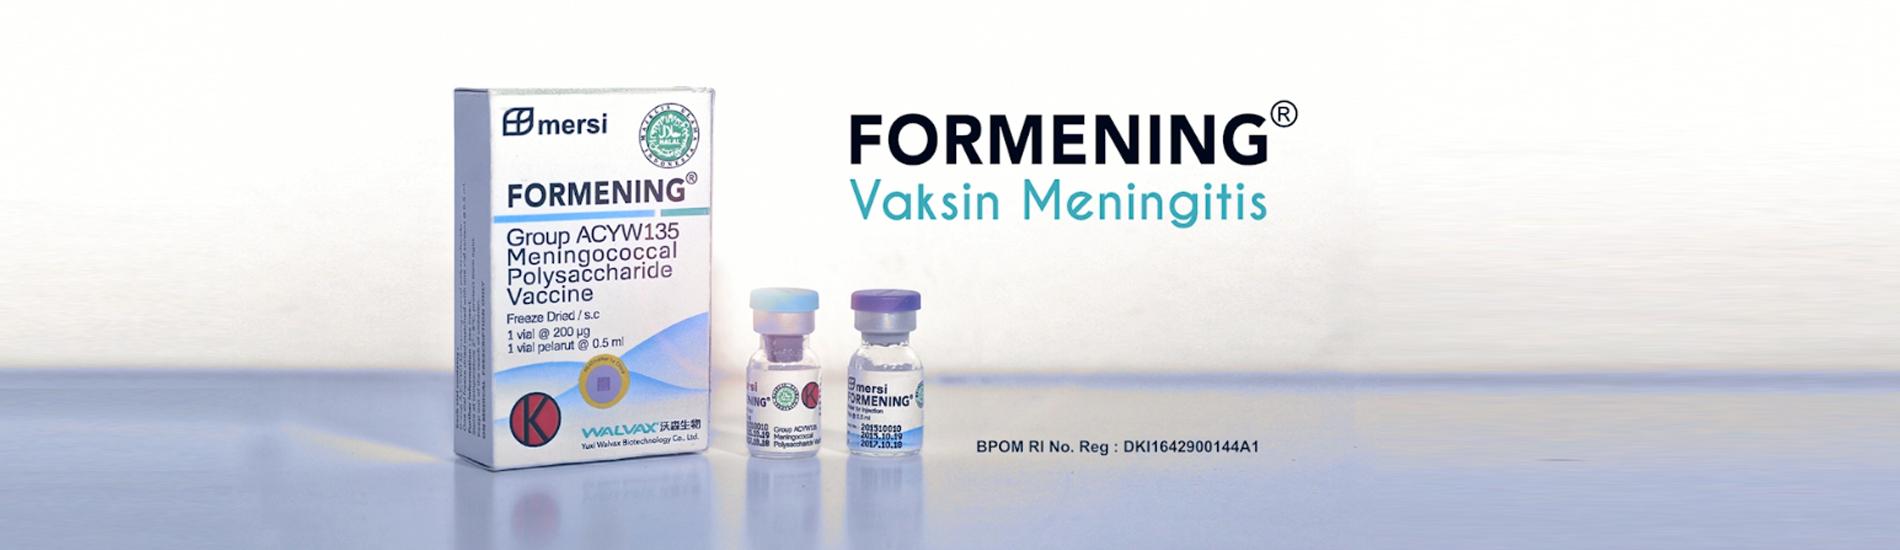 Formening Vaksin Meningitis